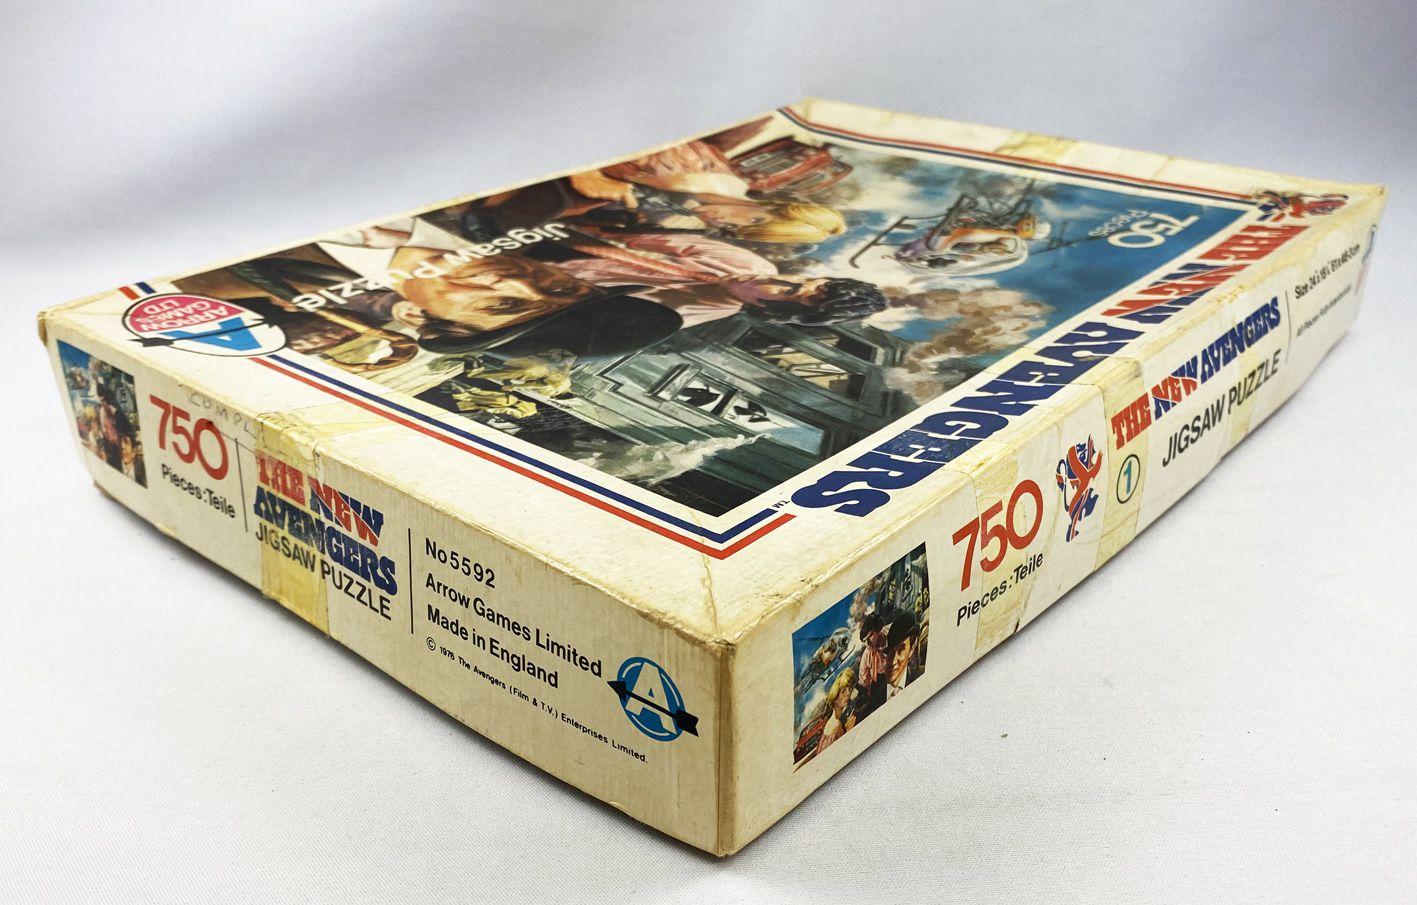 Chapeau Melon & Bottes de Cuir (The New Avengers) - Puzzle 750p (Arrow Games Ltd 1976)